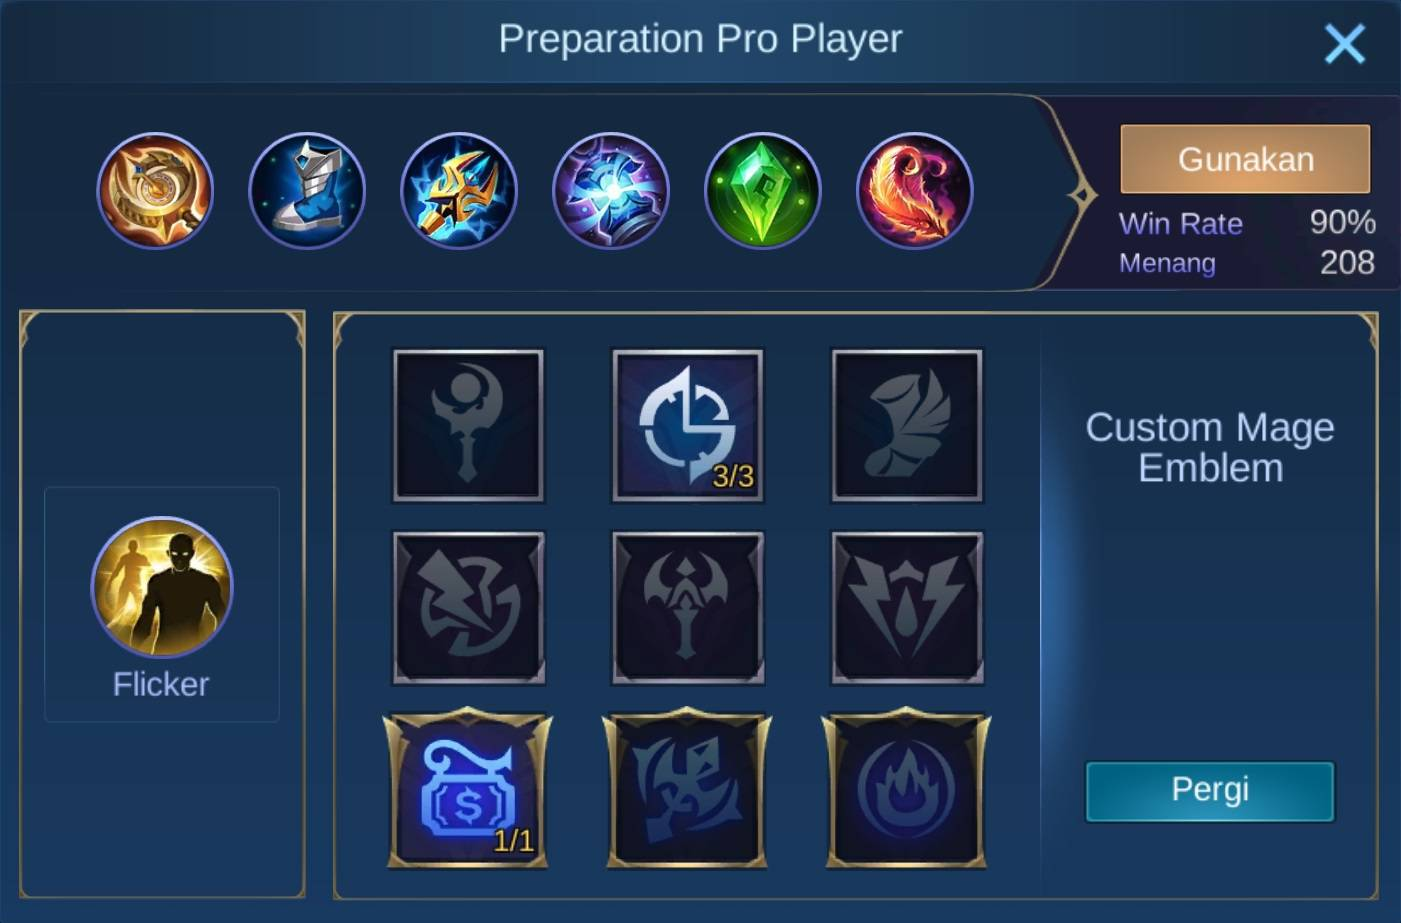 build item cecilion mobile legends (ML)